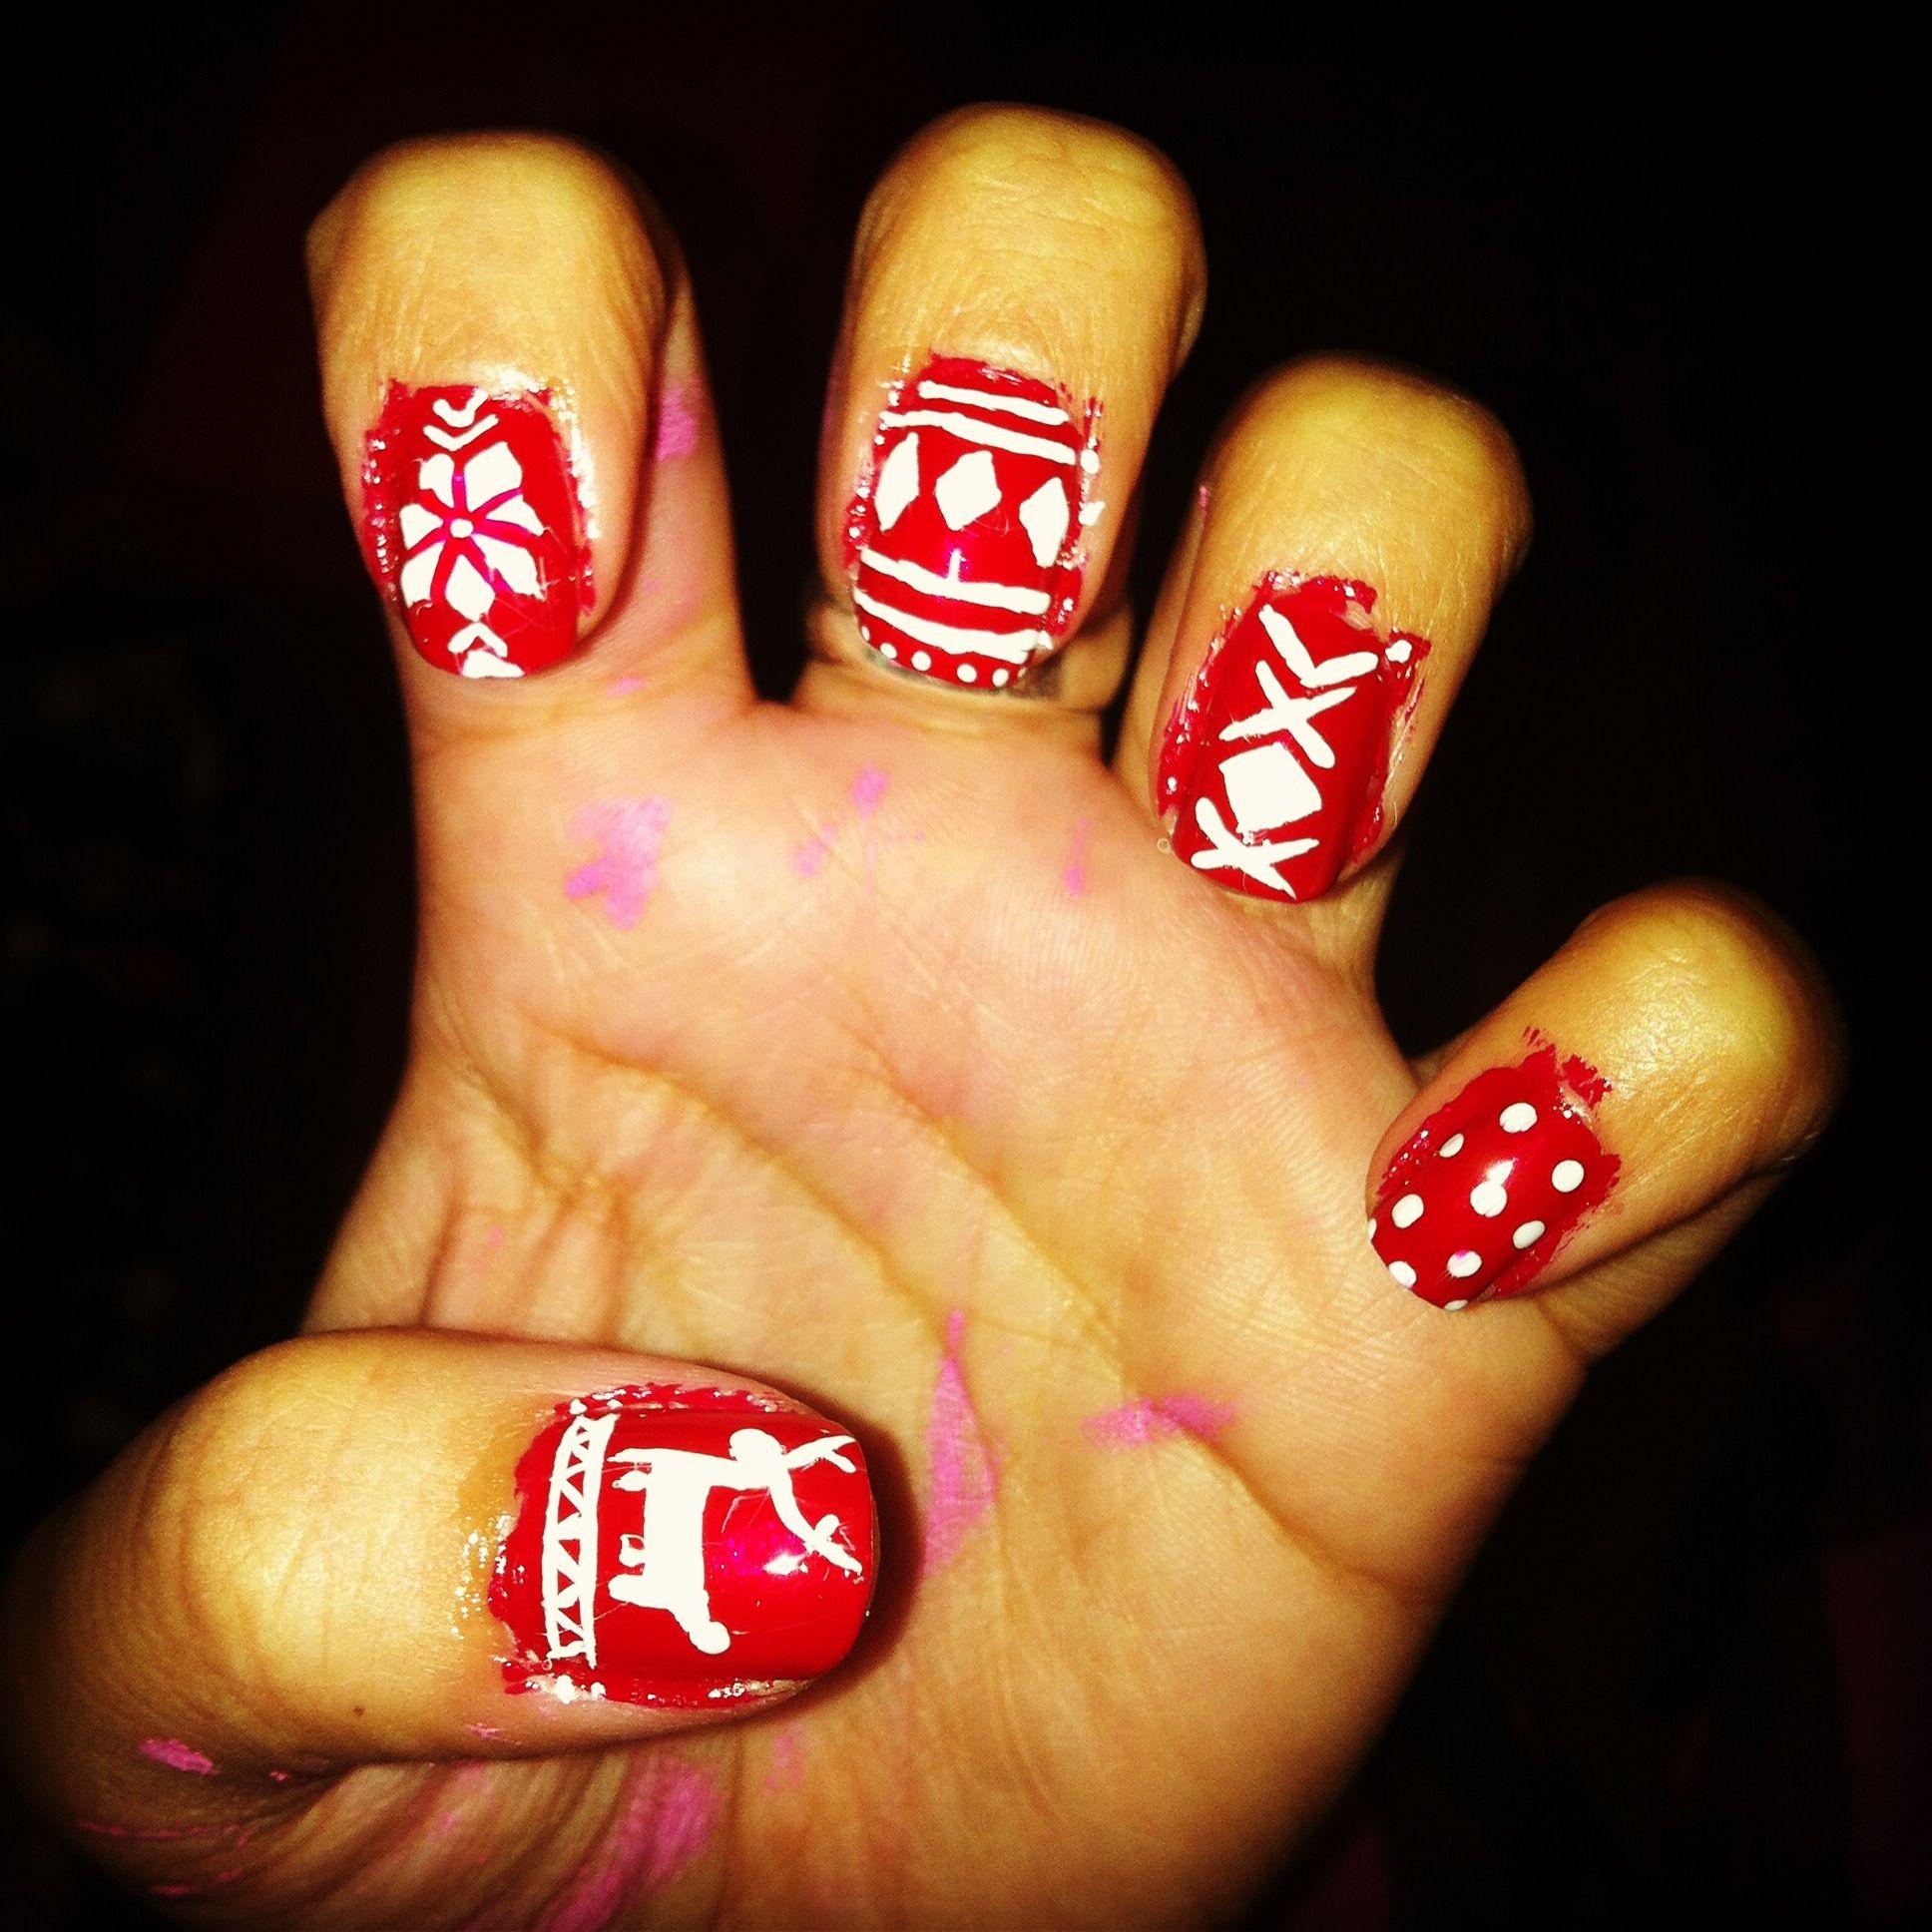 My nails Instagram kianaburchard